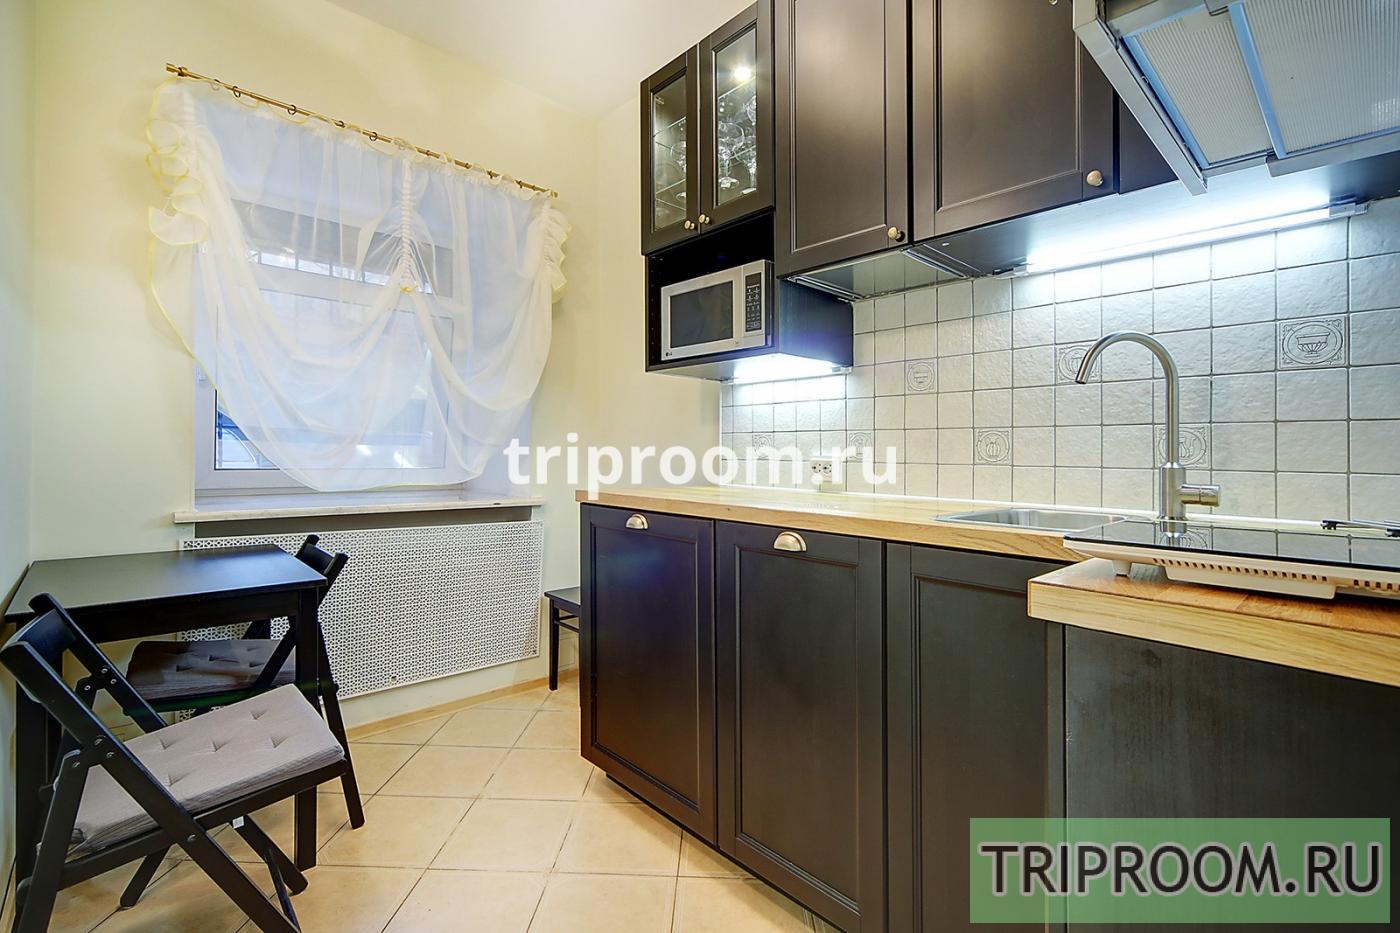 3-комнатная квартира посуточно (вариант № 14749), ул. Большая Конюшенная улица, фото № 17